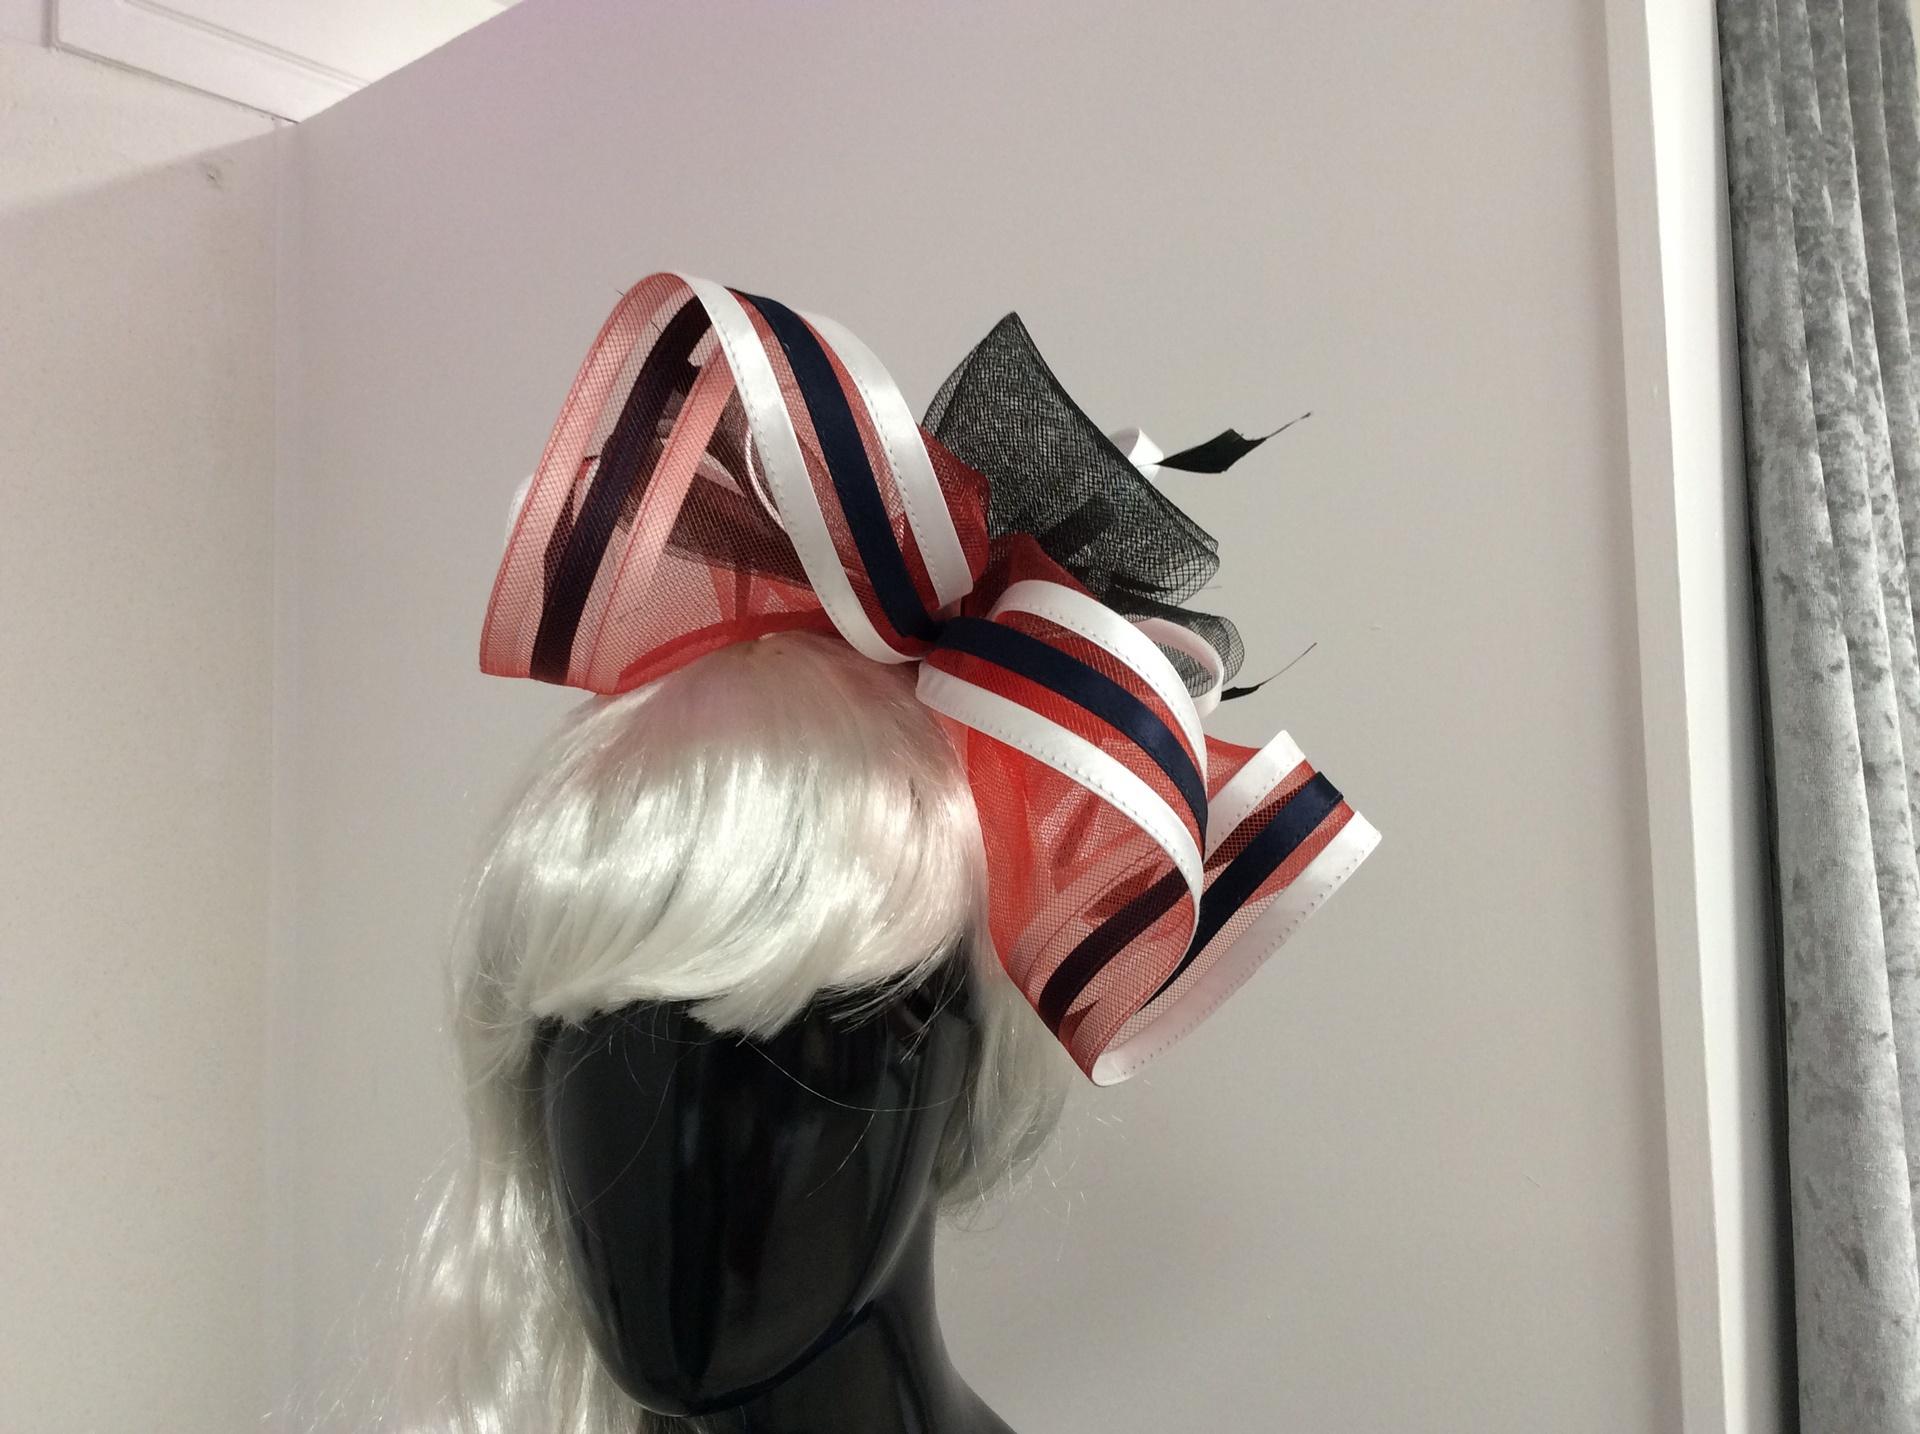 Navy/red/black/white stunning headpiece